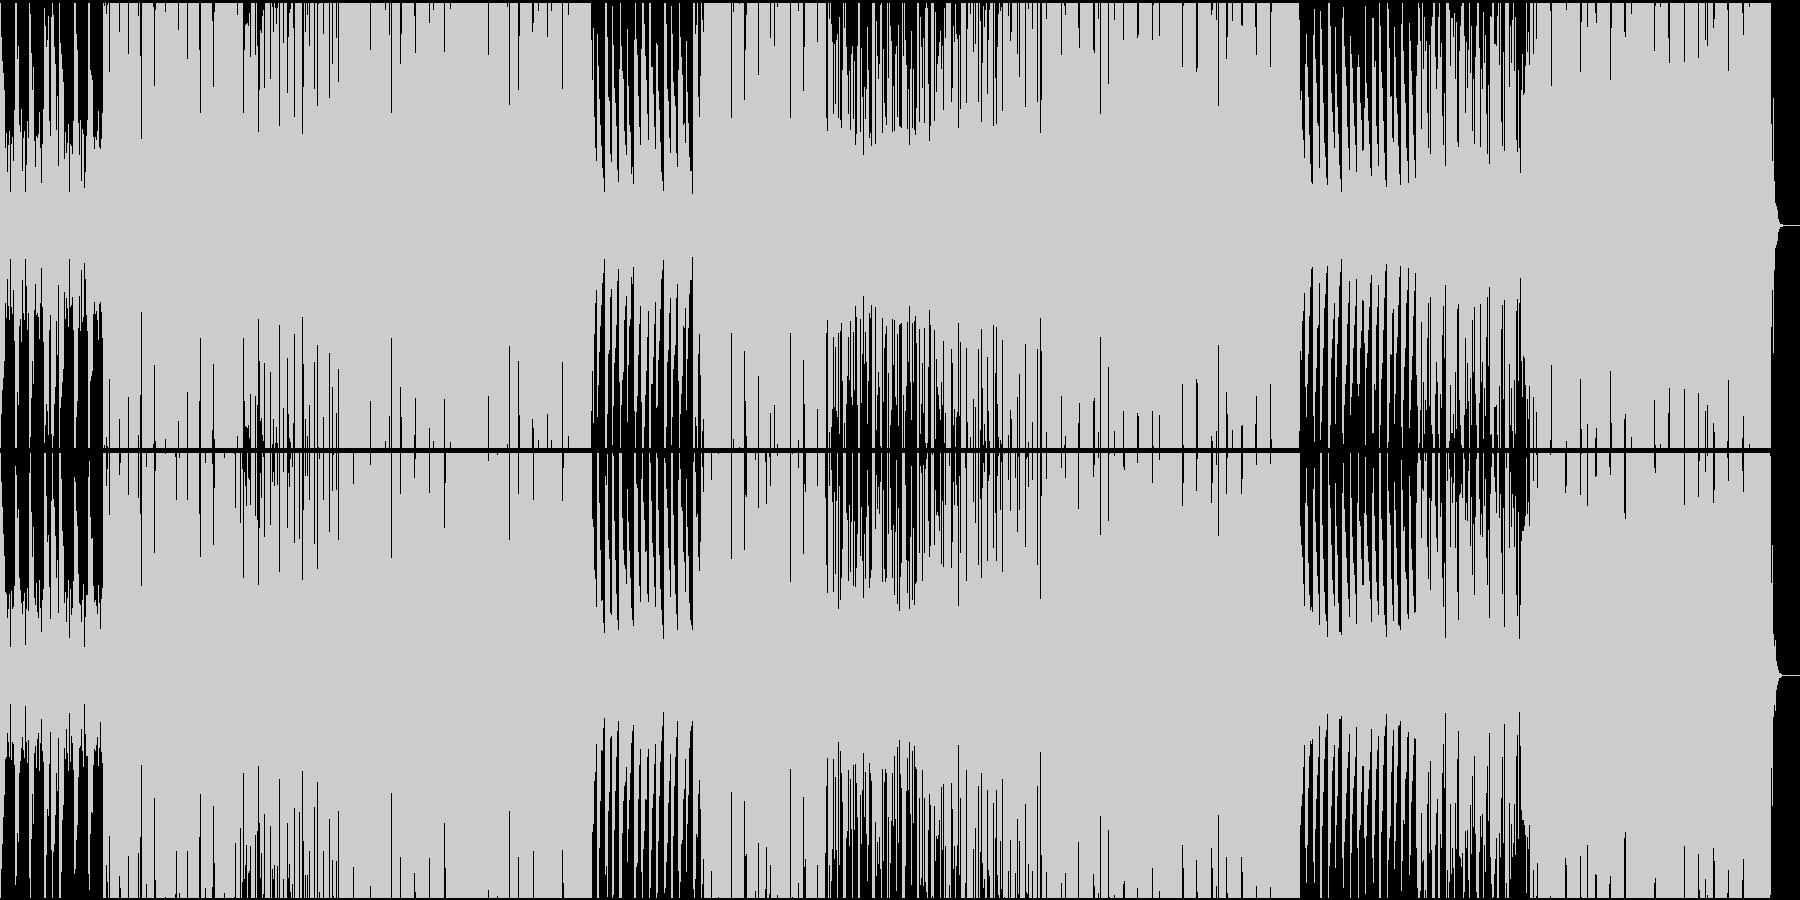 オシャレなR&Bの未再生の波形